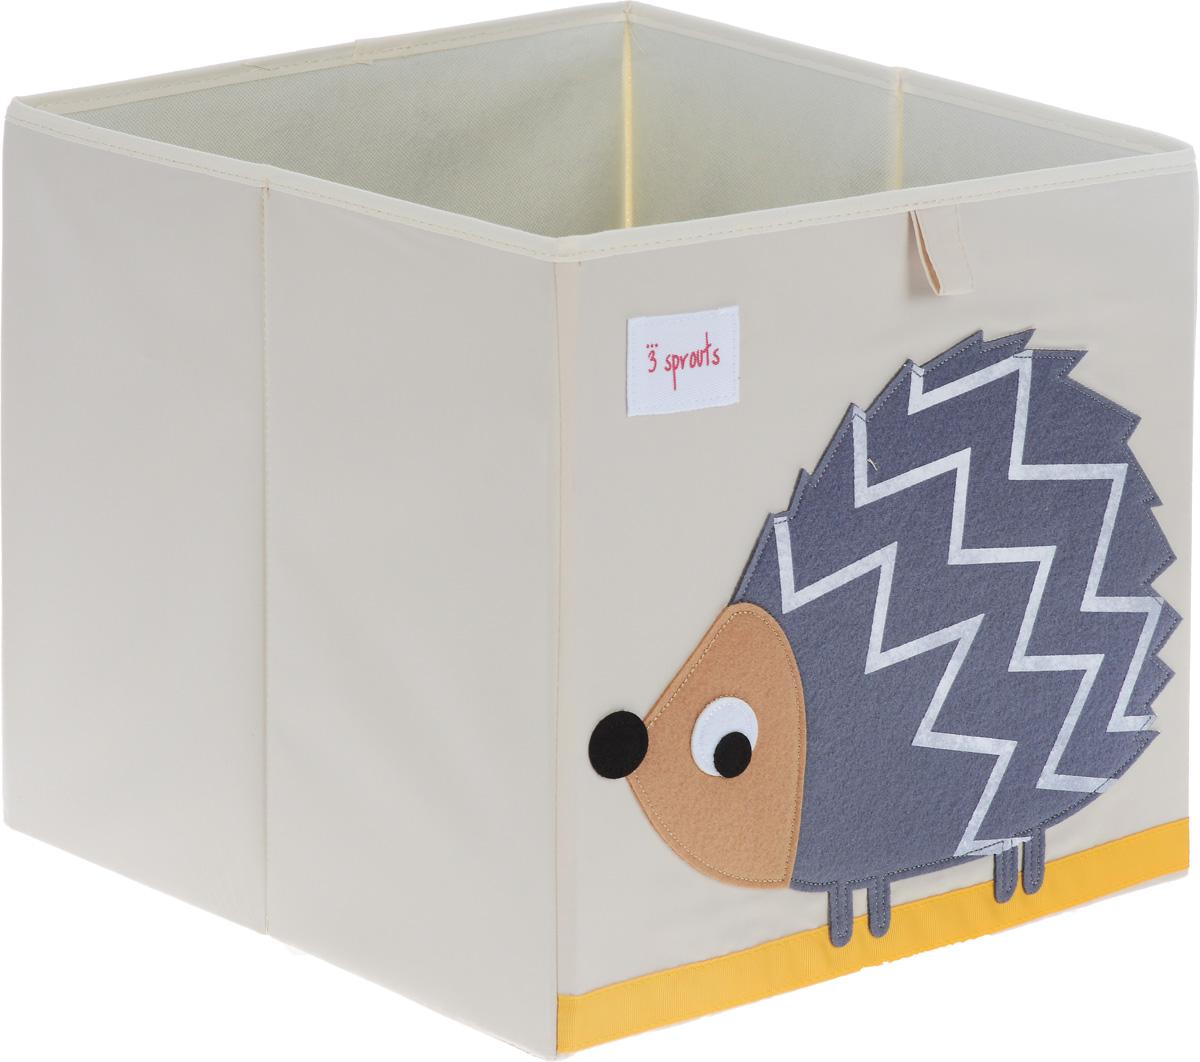 3 Sprouts Коробка для хранения Ежик00019Универсальная коробка для хранения 3 Sprouts Ежик - это отличный вариант организации пространства любой комнаты.Стороны коробки усилены с помощью картона, поэтому она всегда стоит ровно. Помещается практически во все стеллажи с квадратными отсеками и добавляет озорства любой комнате. Стоит ли коробка отдельно или на полке стеллажа, она обеспечит прекрасную организацию в вашем доме.Уход: снаружи - только выведение пятен.